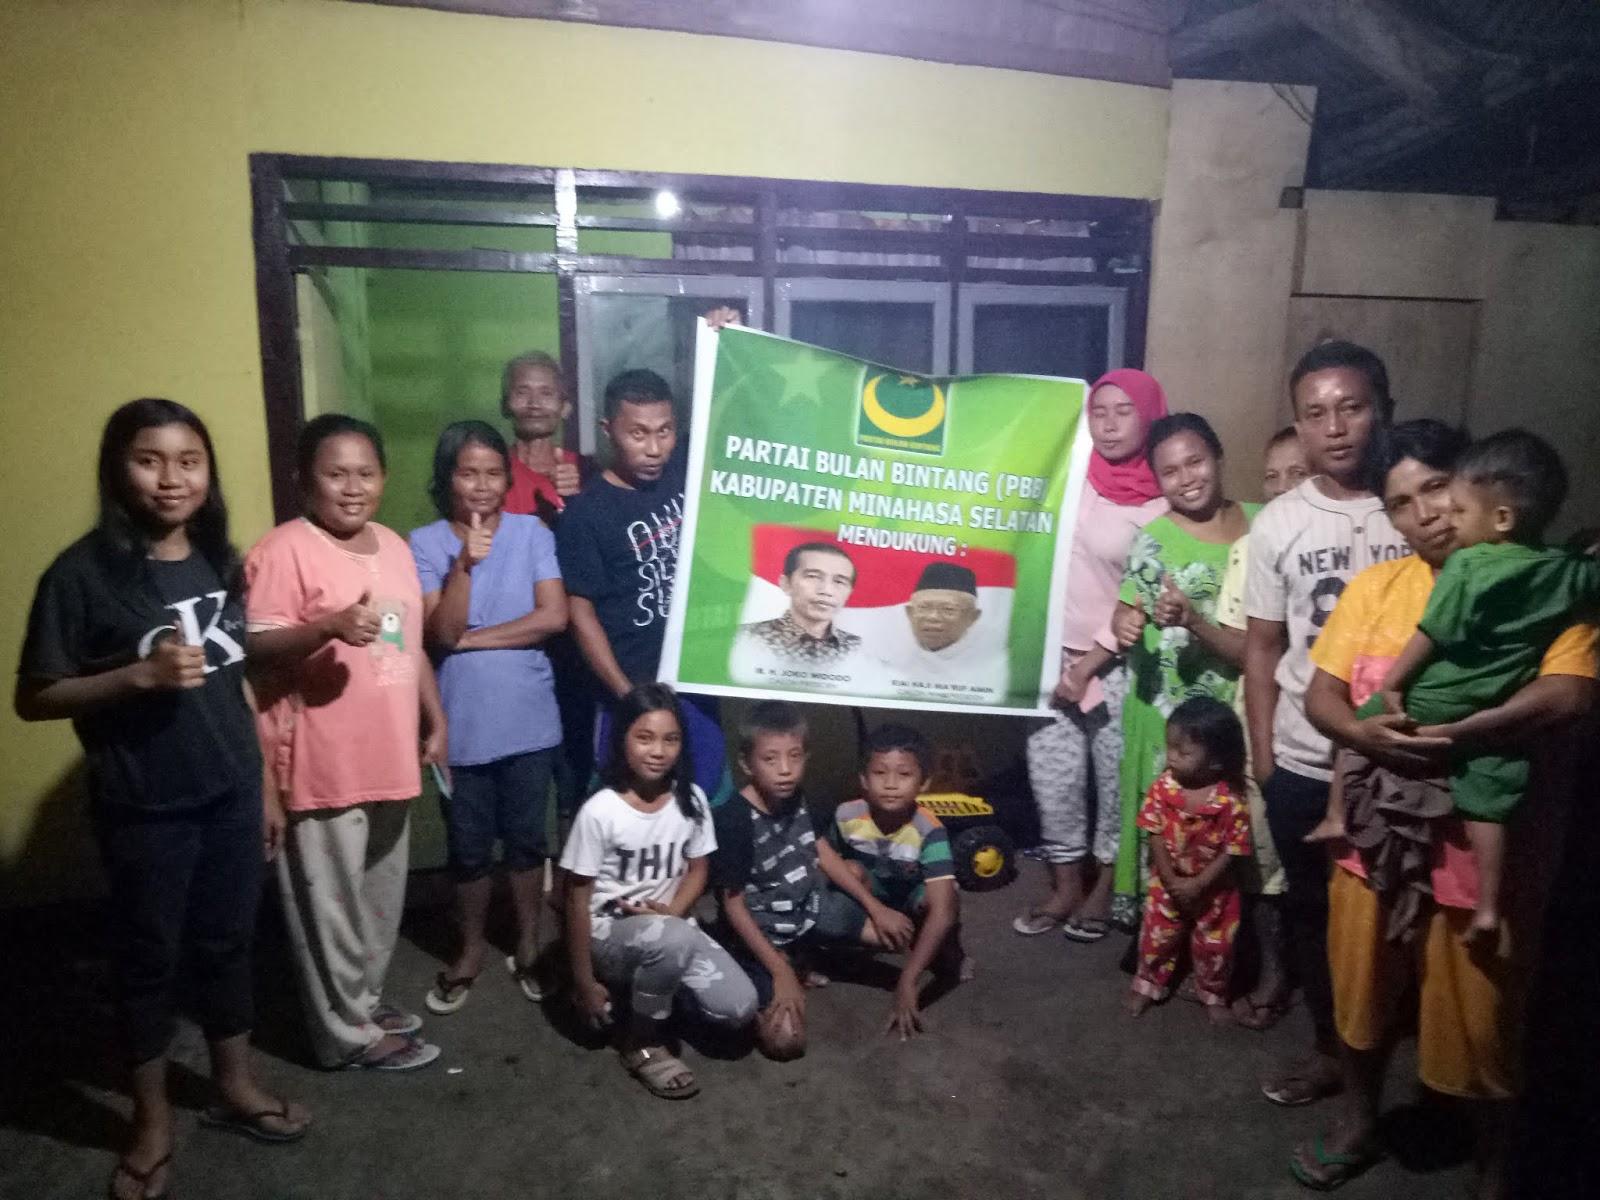 Partai Bulan Bintang Minsel Mendukung Pasangan Jokowi dan Ma'ruf Amin